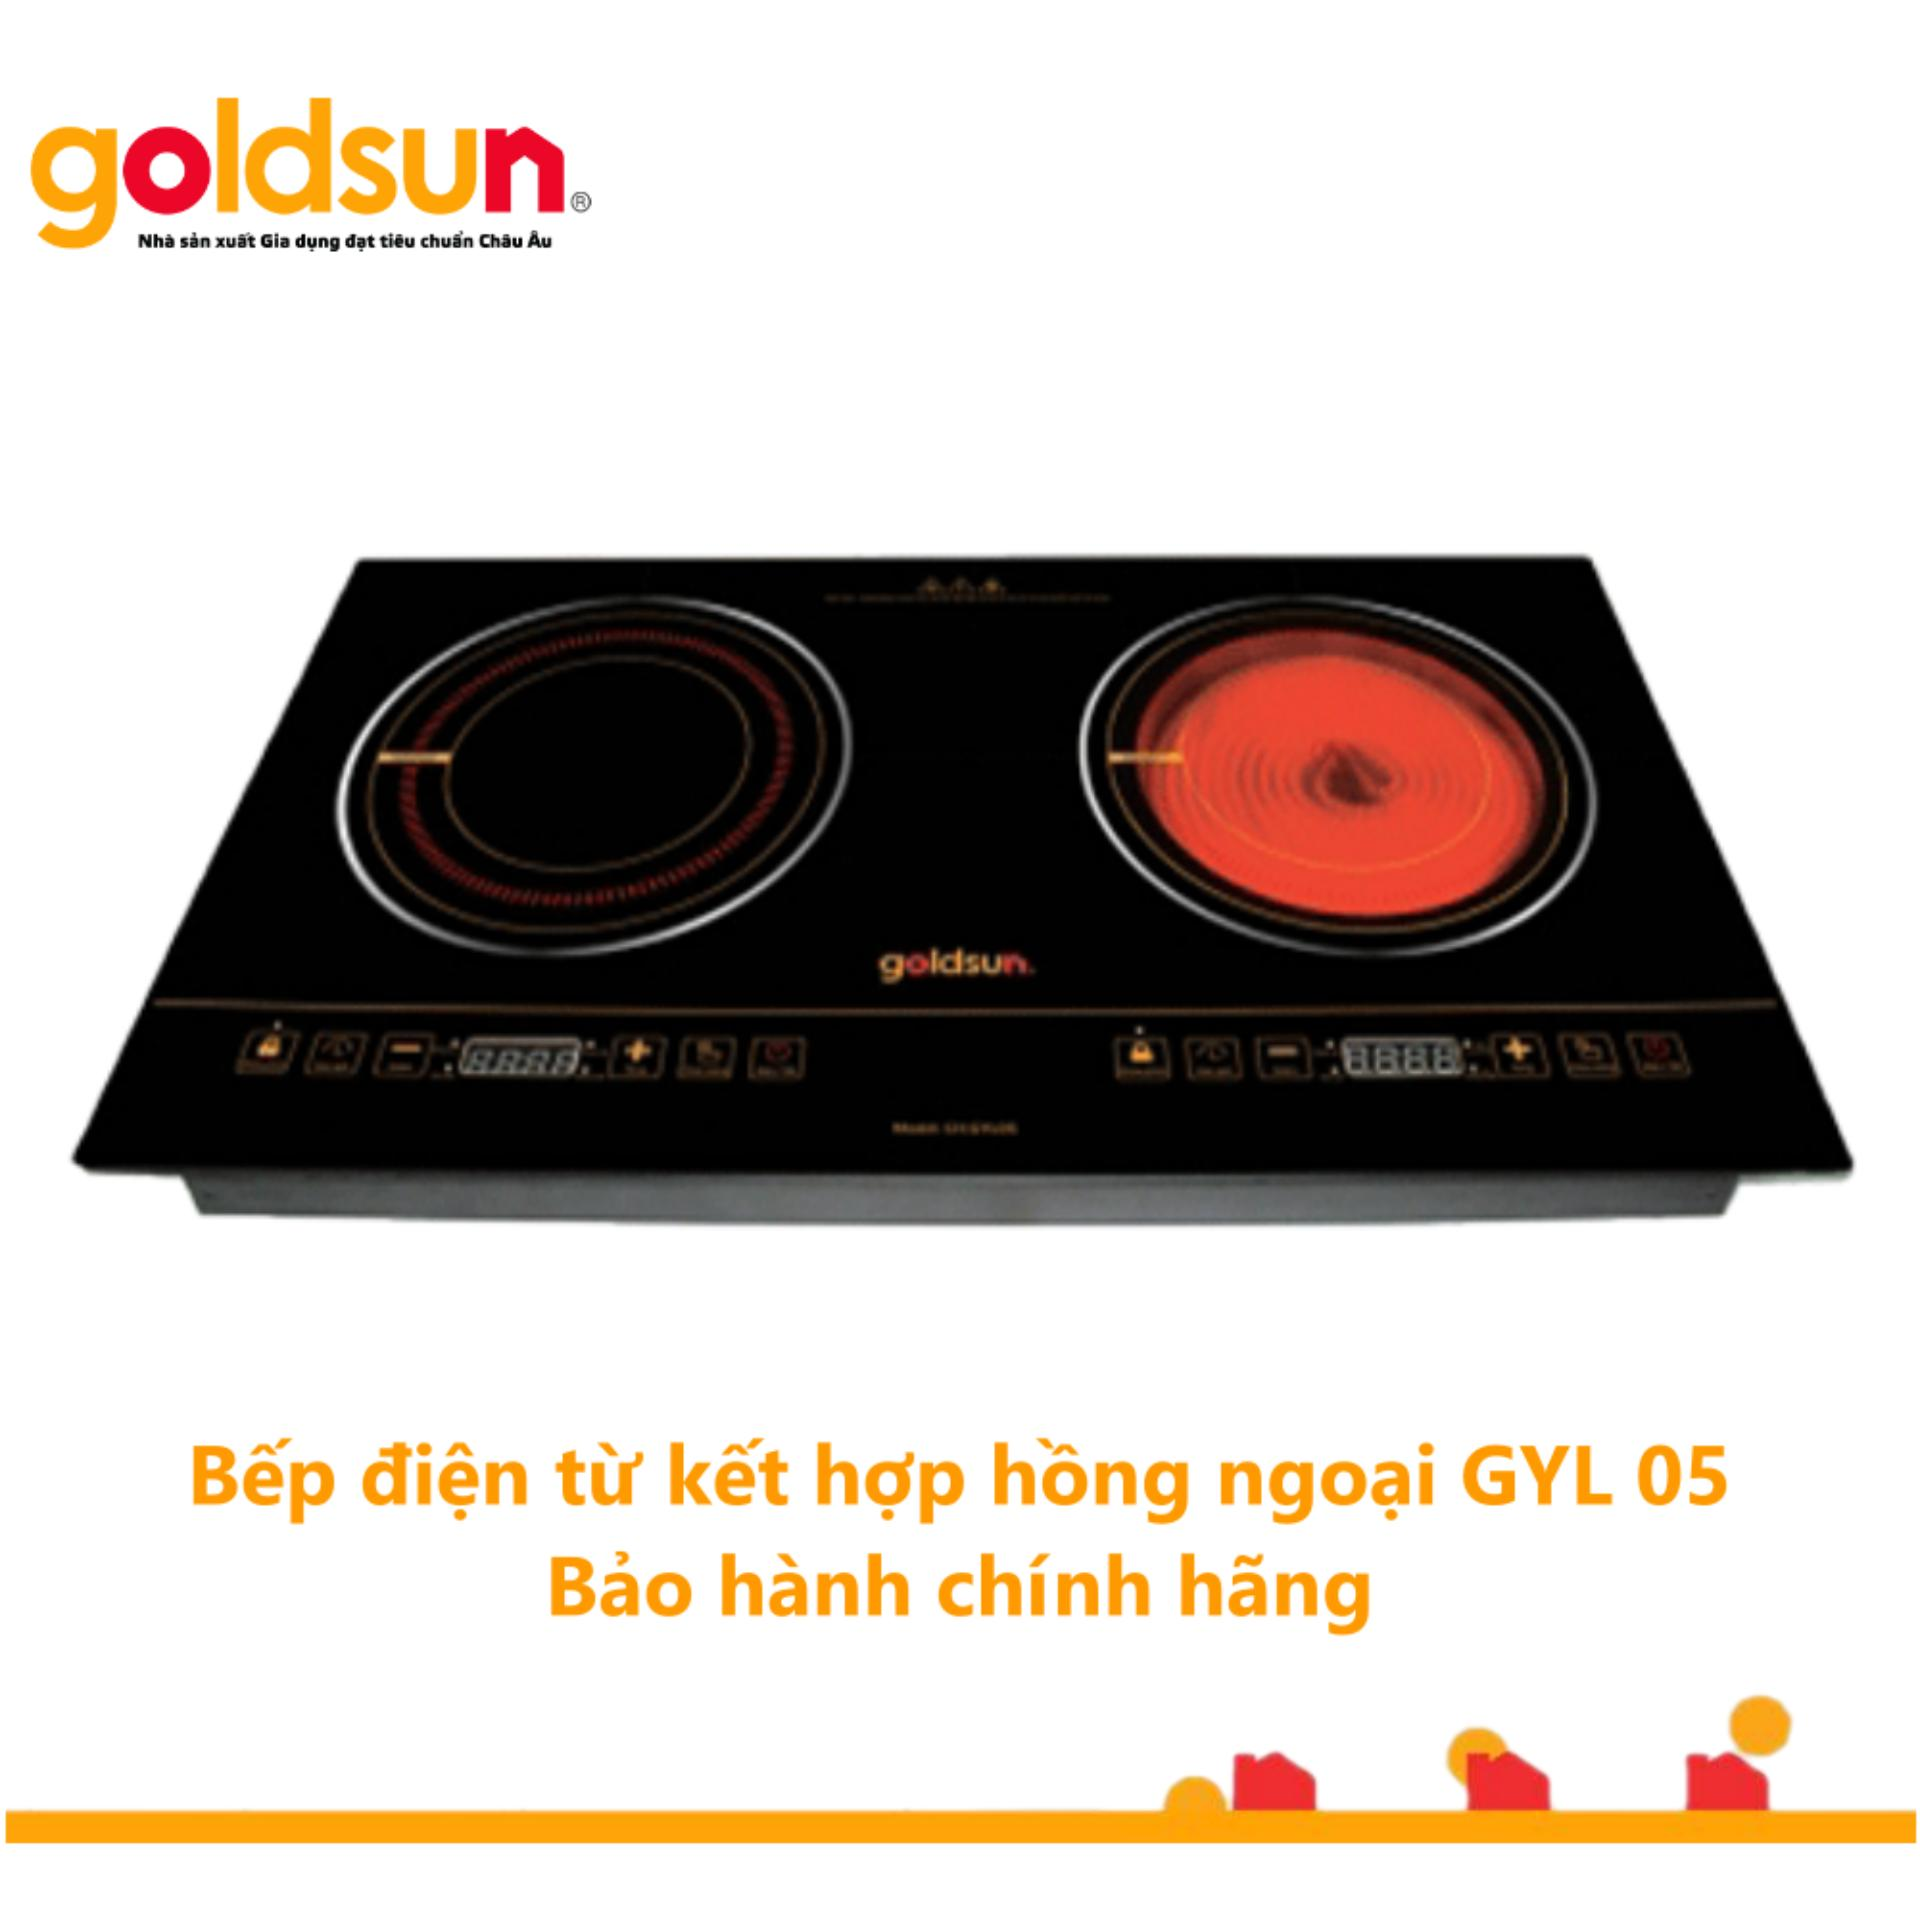 Shop bán Bếp Goldsun hồng ngoại - Từ đôi CH-GYL05